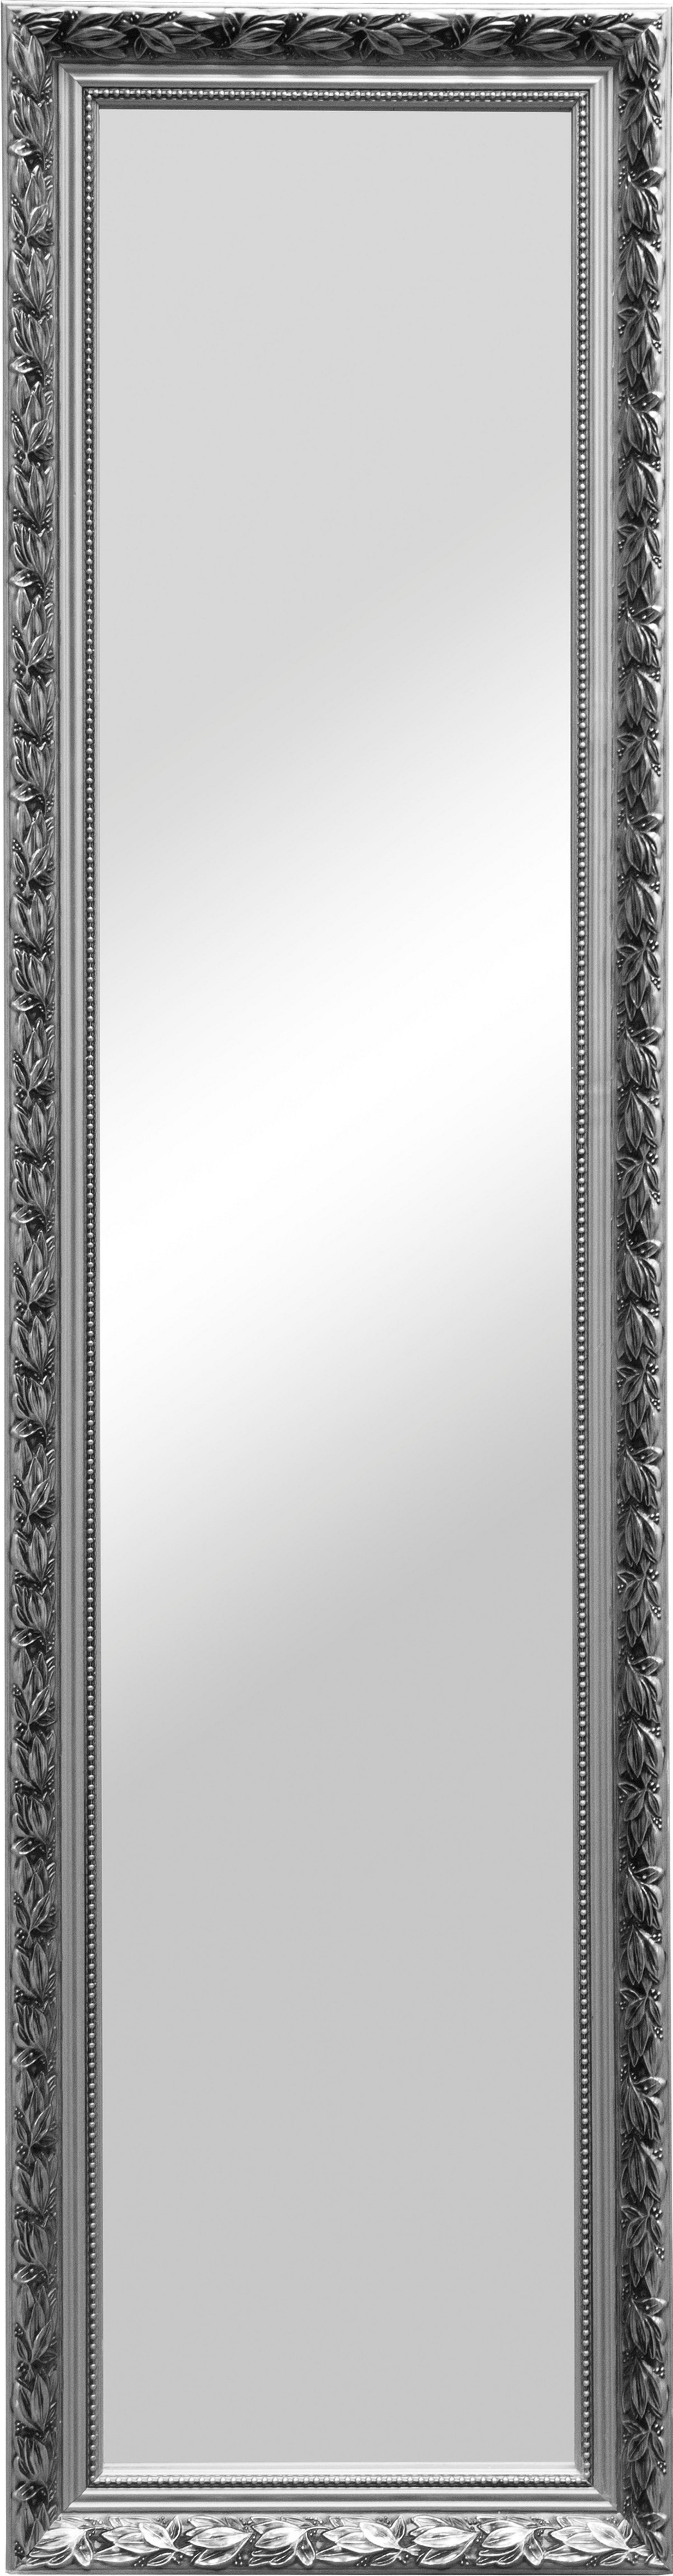 Home affaire verticale spiegel Pius 40x160 cm, zilverkleur (1 stuk) bestellen: 30 dagen bedenktijd